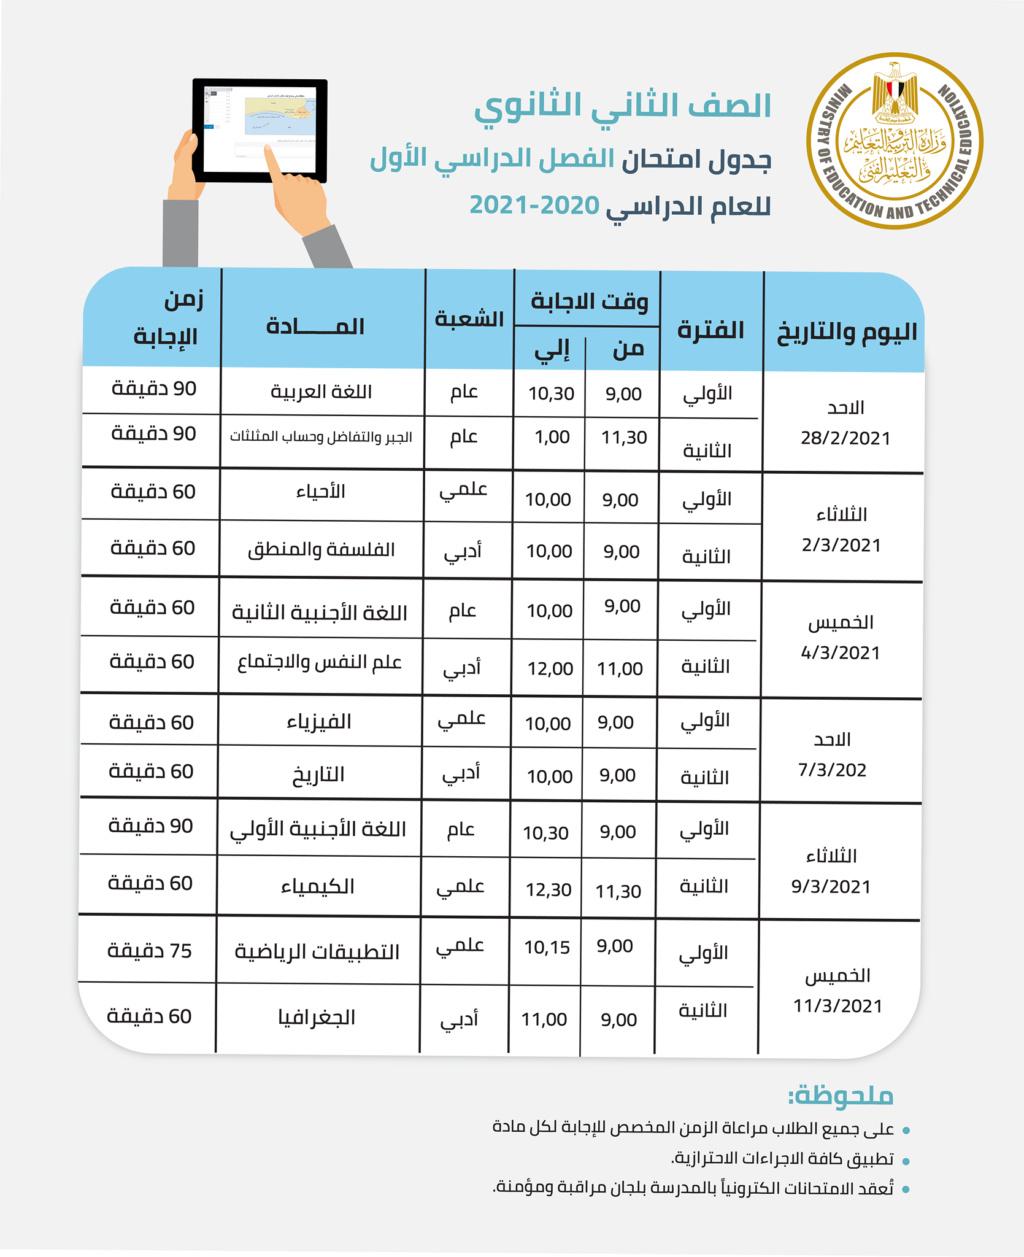 تفاصيل امتحانات العام الدراسي ٢٠٢٠-٢٠٢١ لكل المراحل 1292